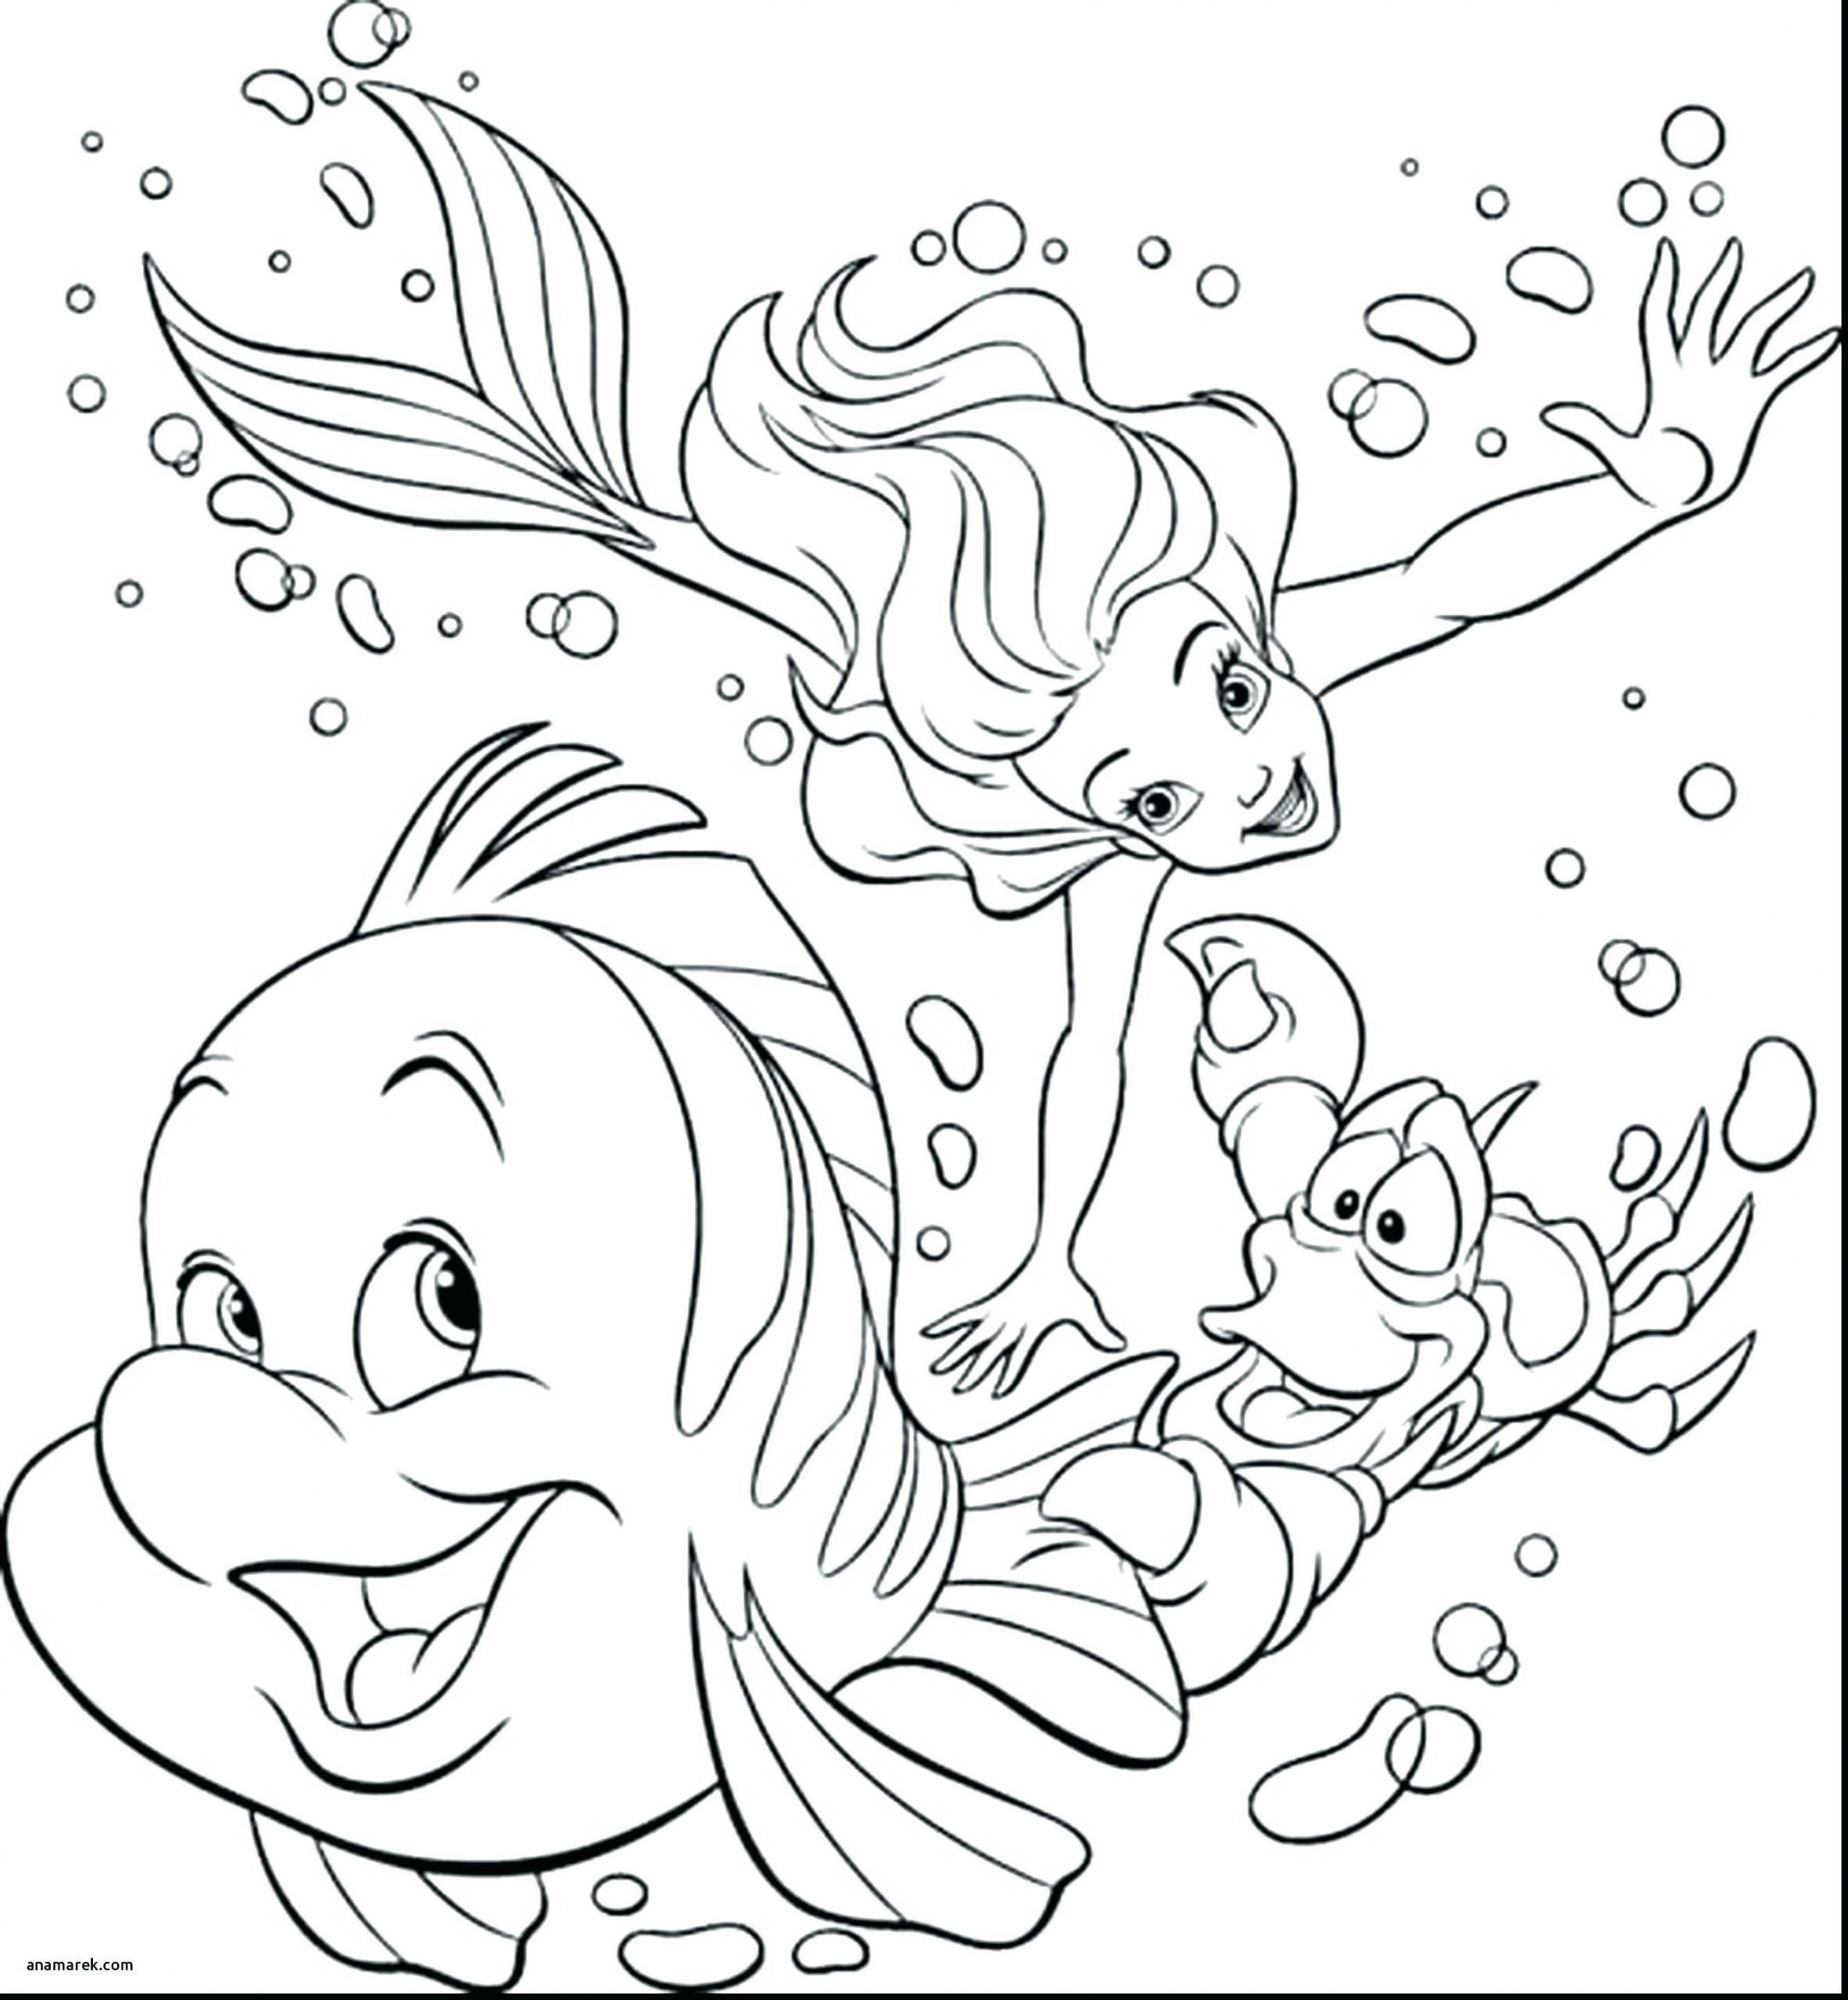 Die Besten Von Ausmalbilder Prinzessin Sofia Ideen Of Ausmalbild Prinzessin Sofia Kostenlos Ausmalbilder Wenn Du Mal Buch Ausmalen